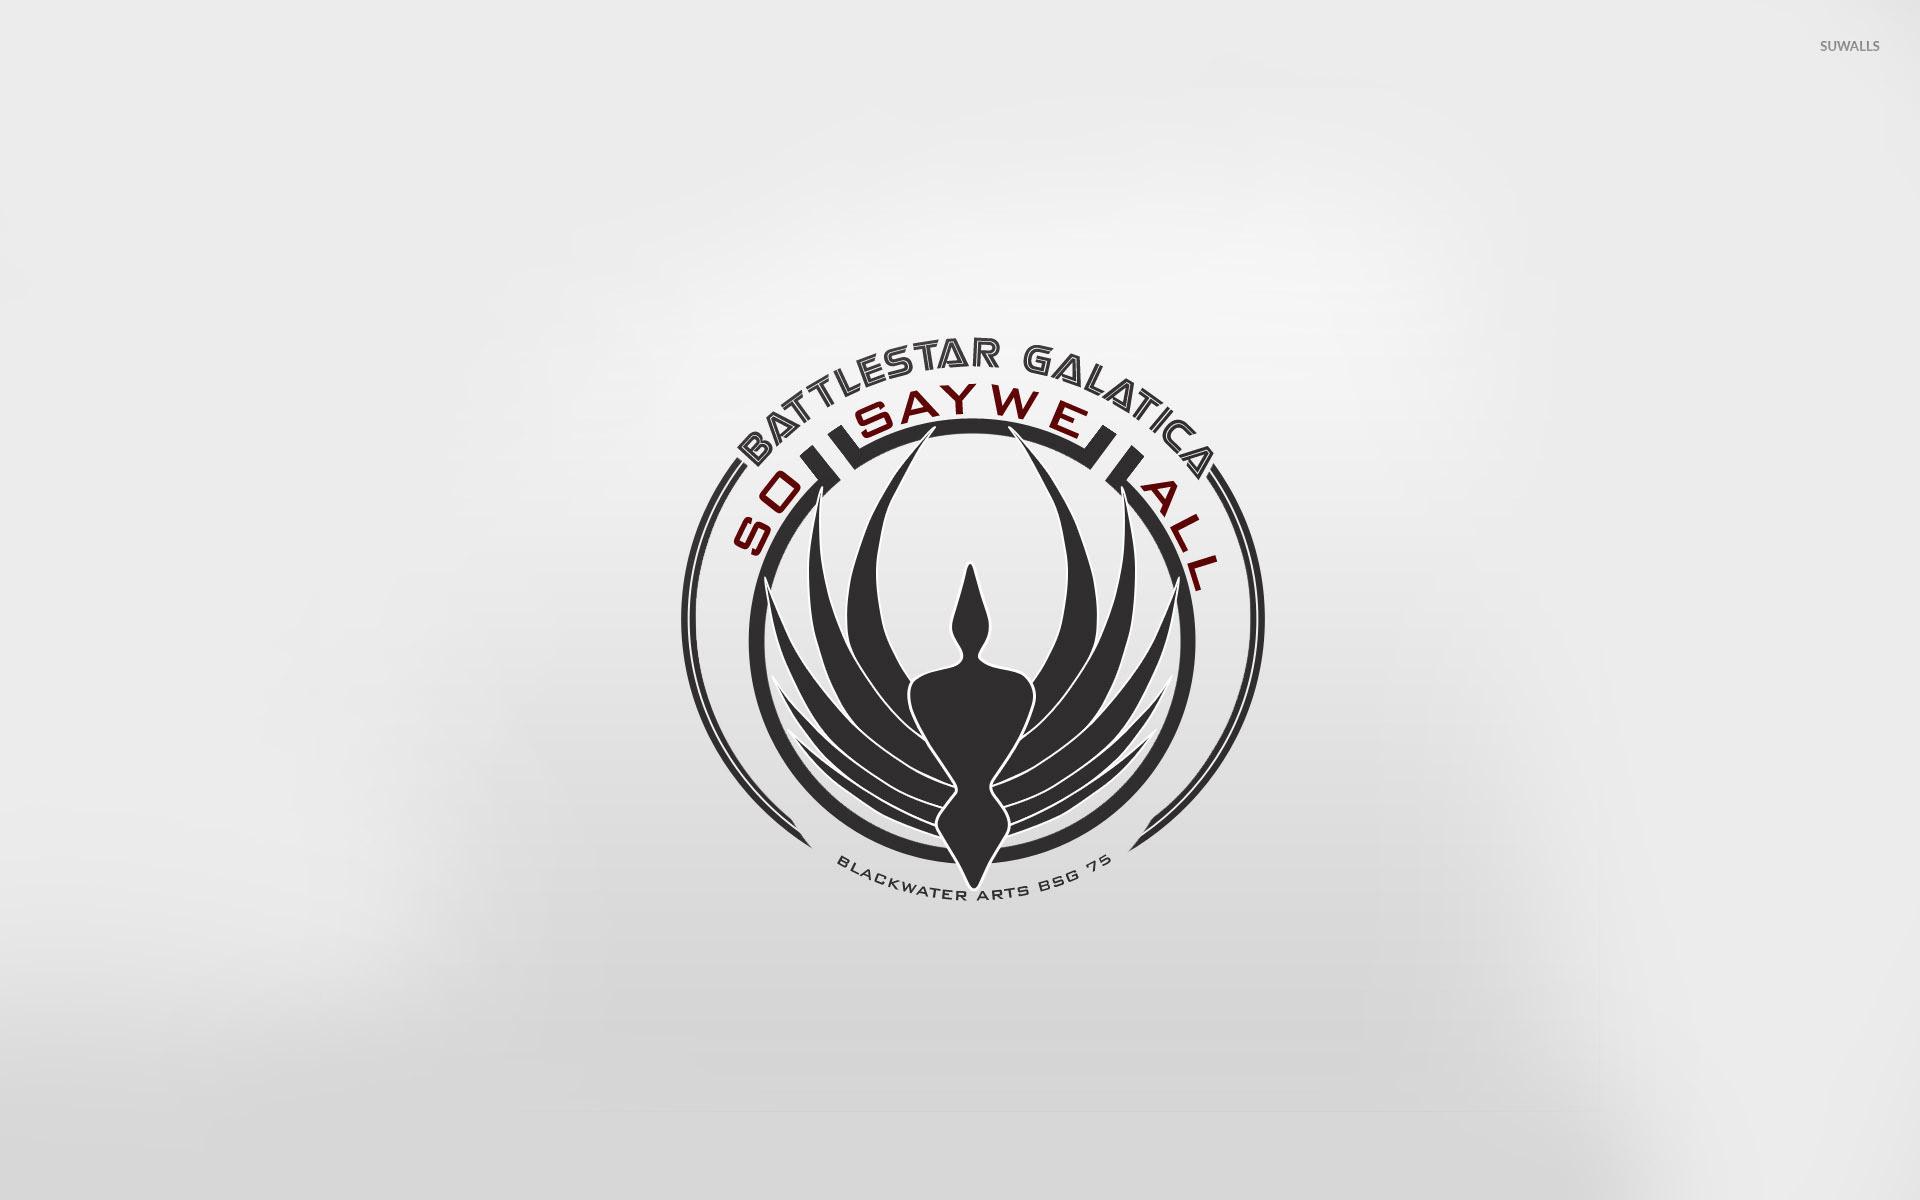 Battlestar Galactica Wallpapers and Screensavers – WallpaperSafari